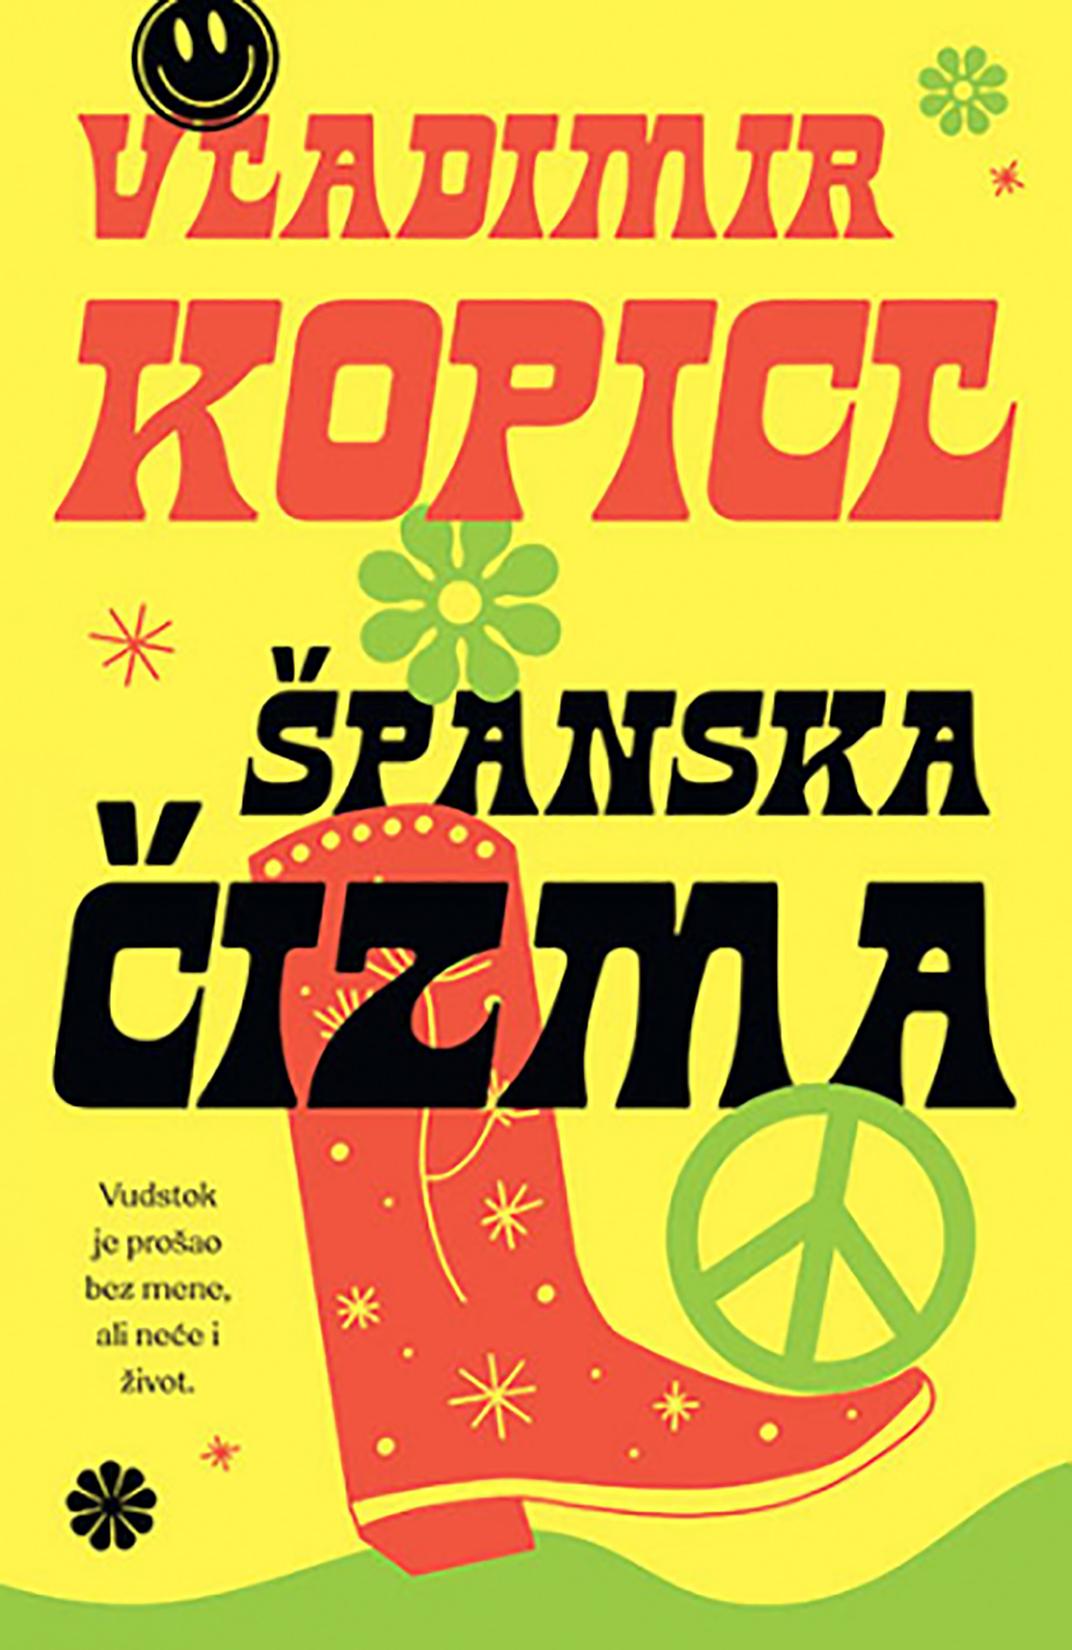 Vladimir Kopicl, Španska čizma